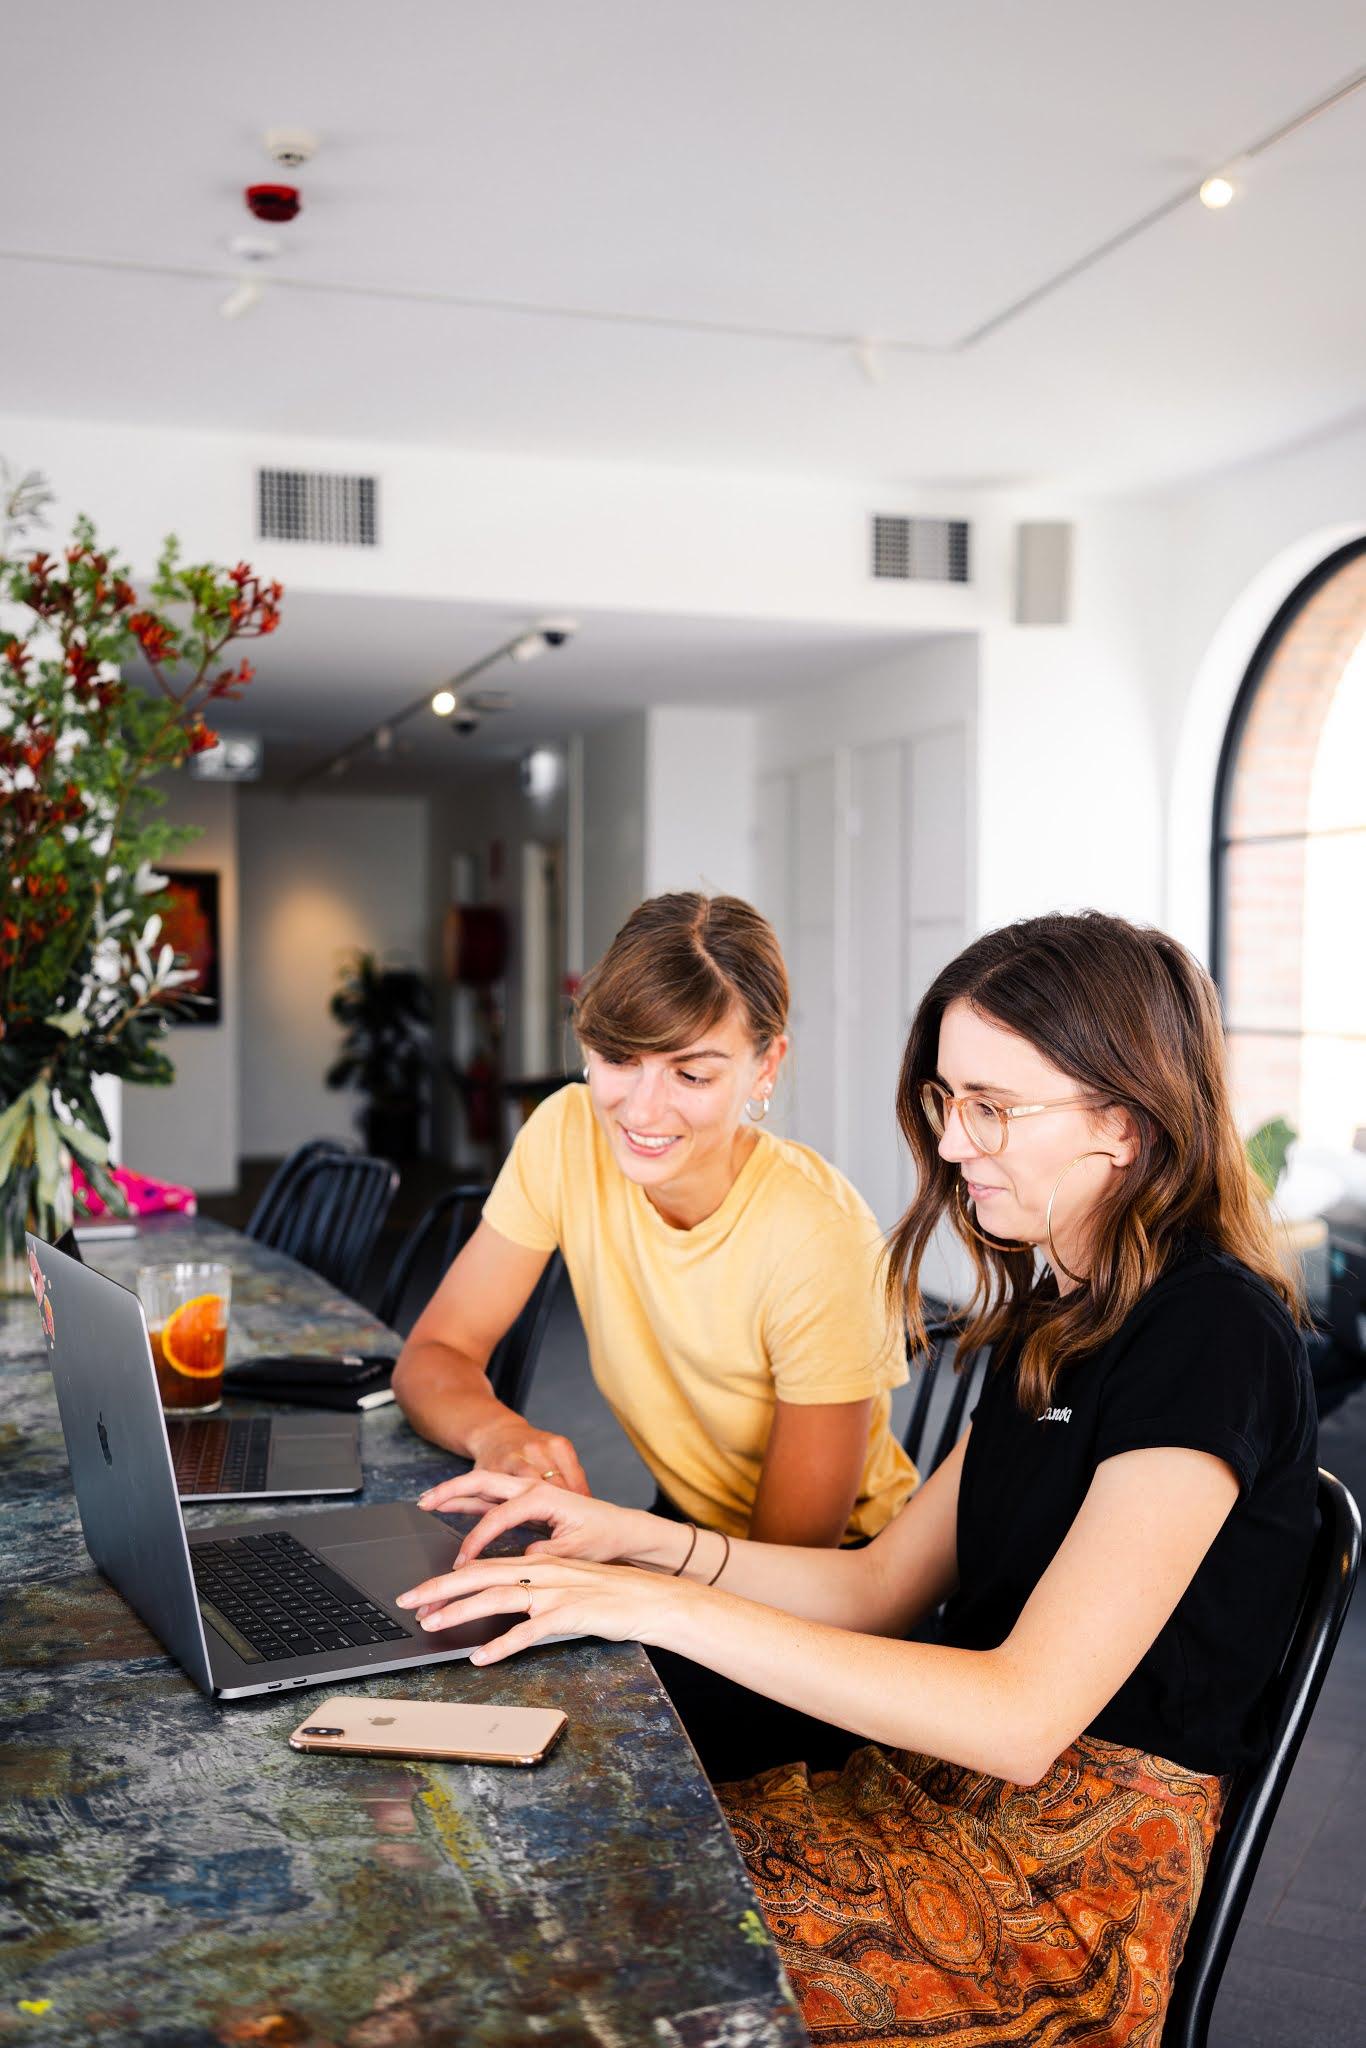 ide bisnis digital berprospek tinggi